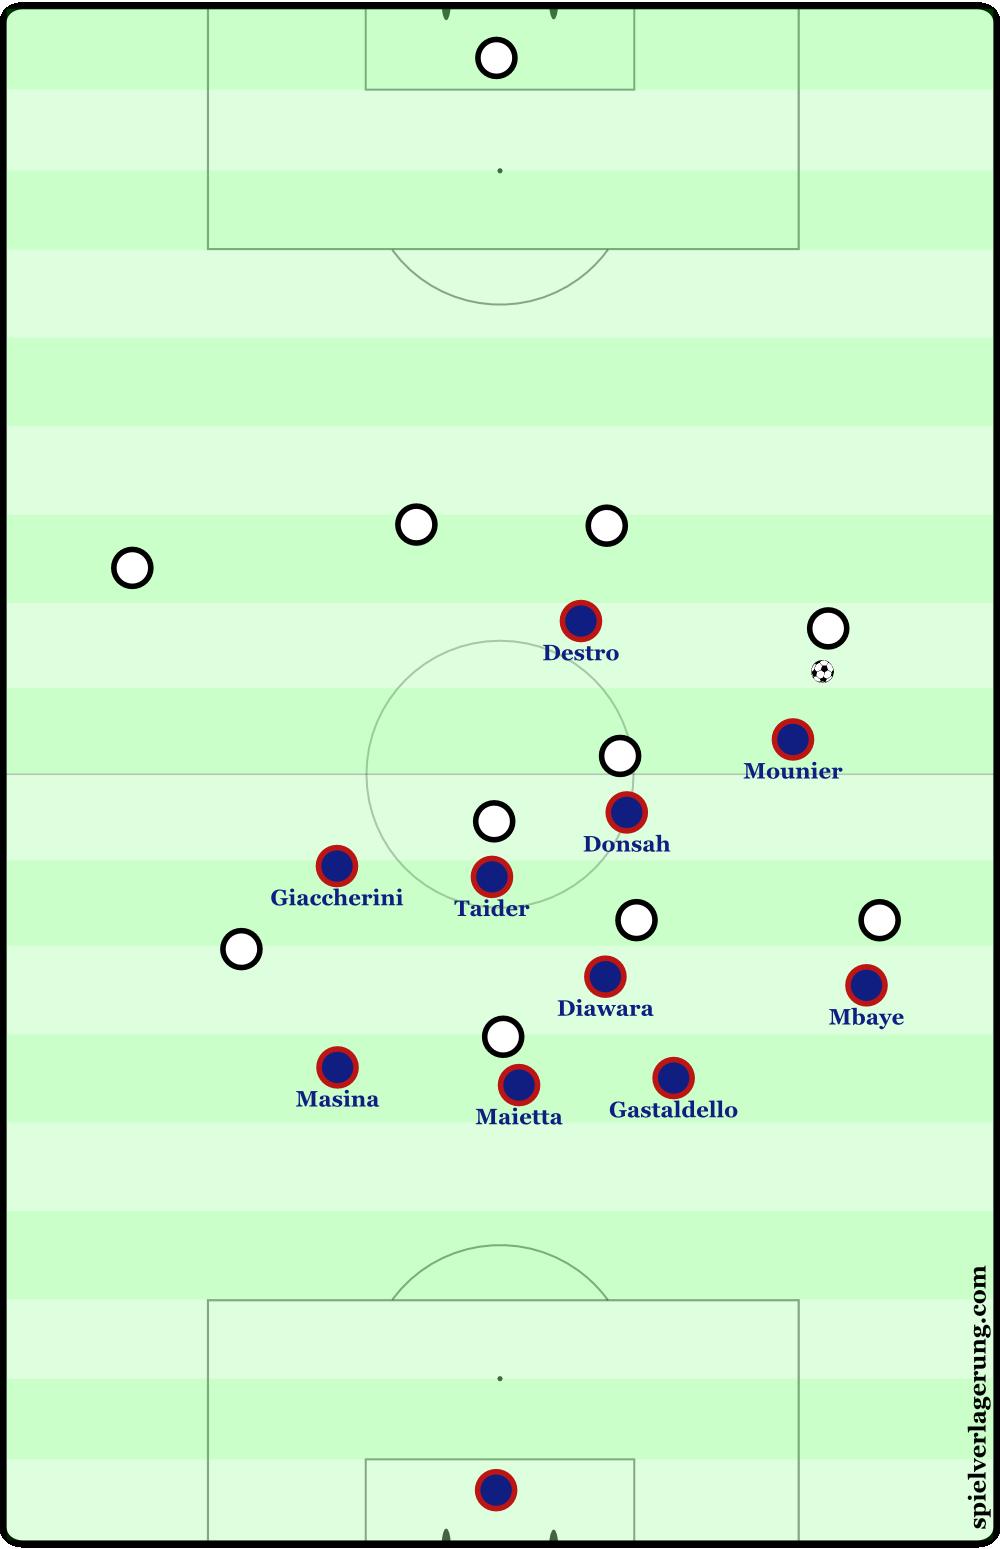 2016-03-17_Bologna_Scene-large semi ball-oriented pressing